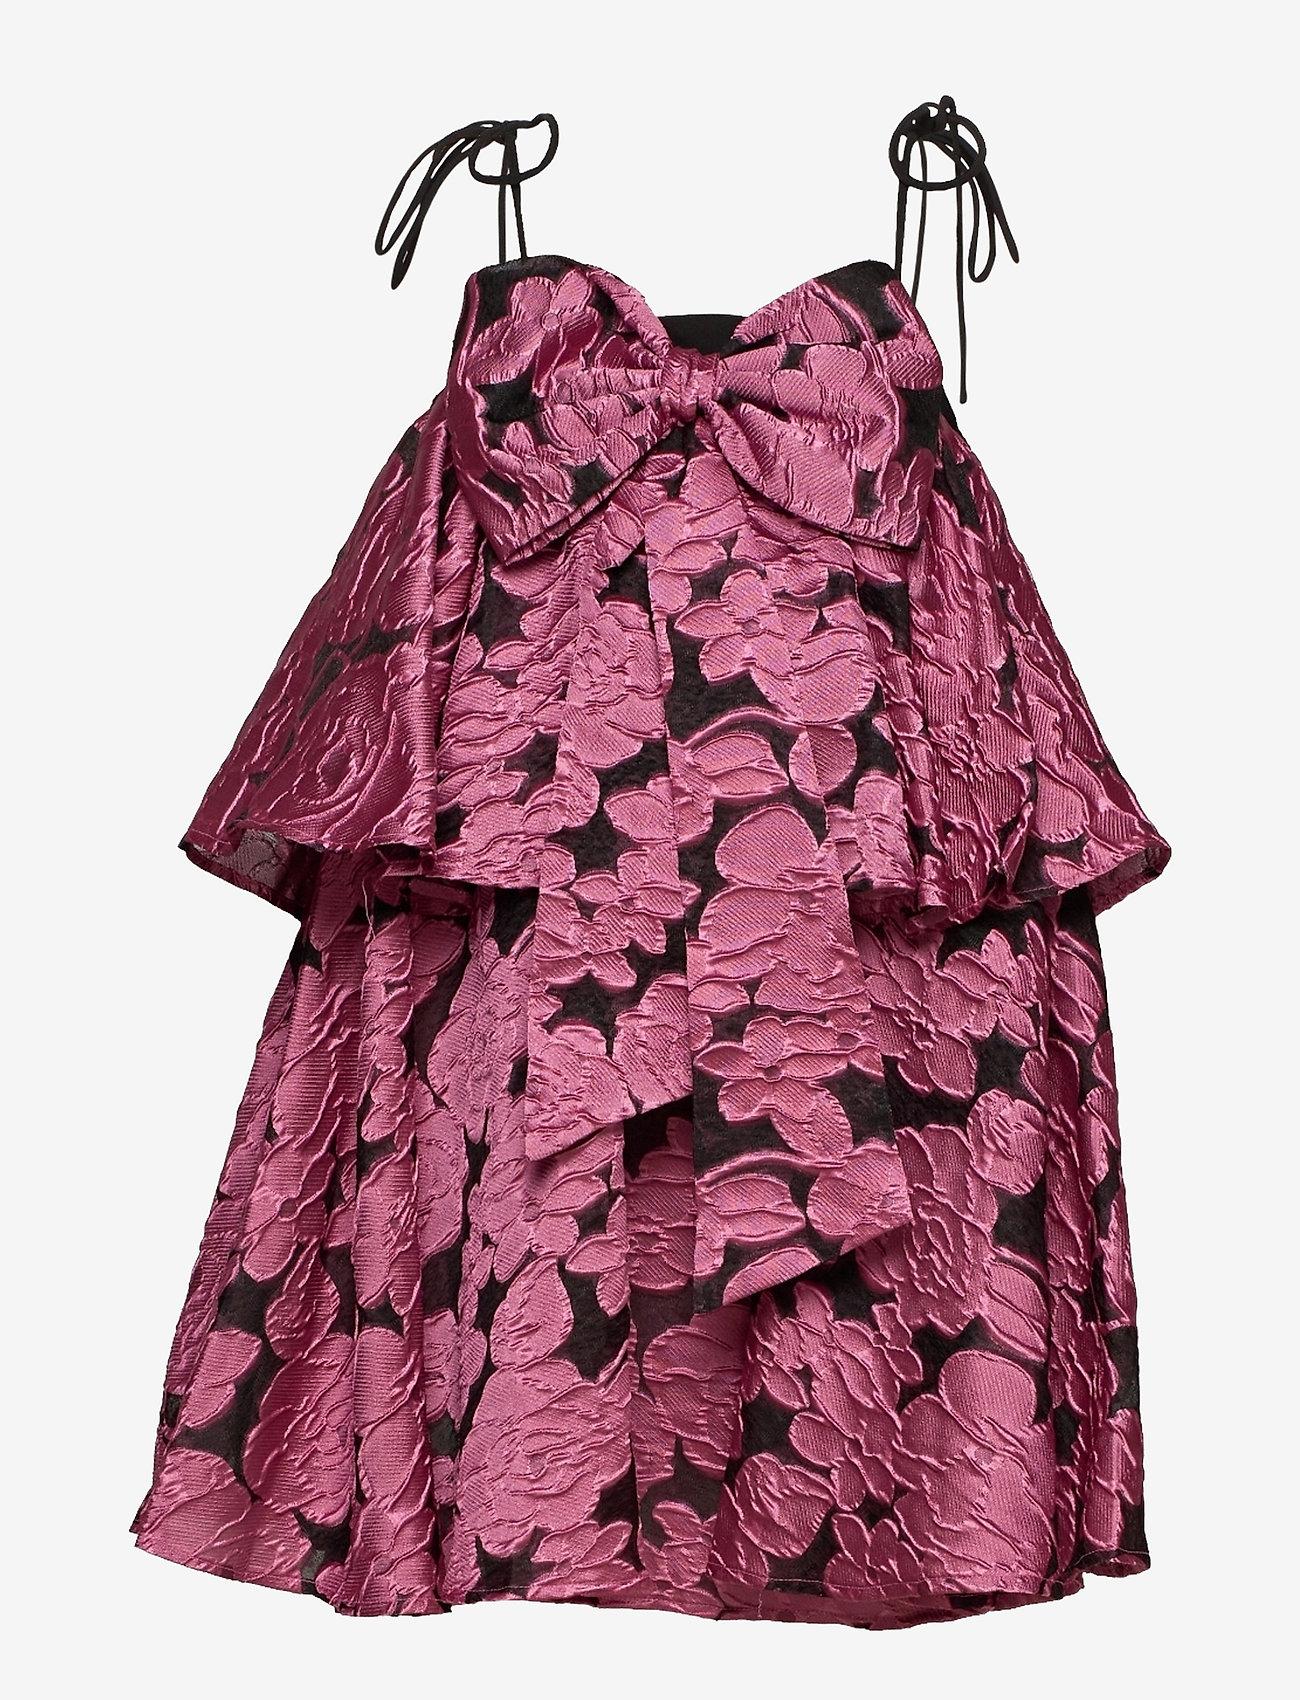 Kort, mønstrete kjole med sløyfe i front